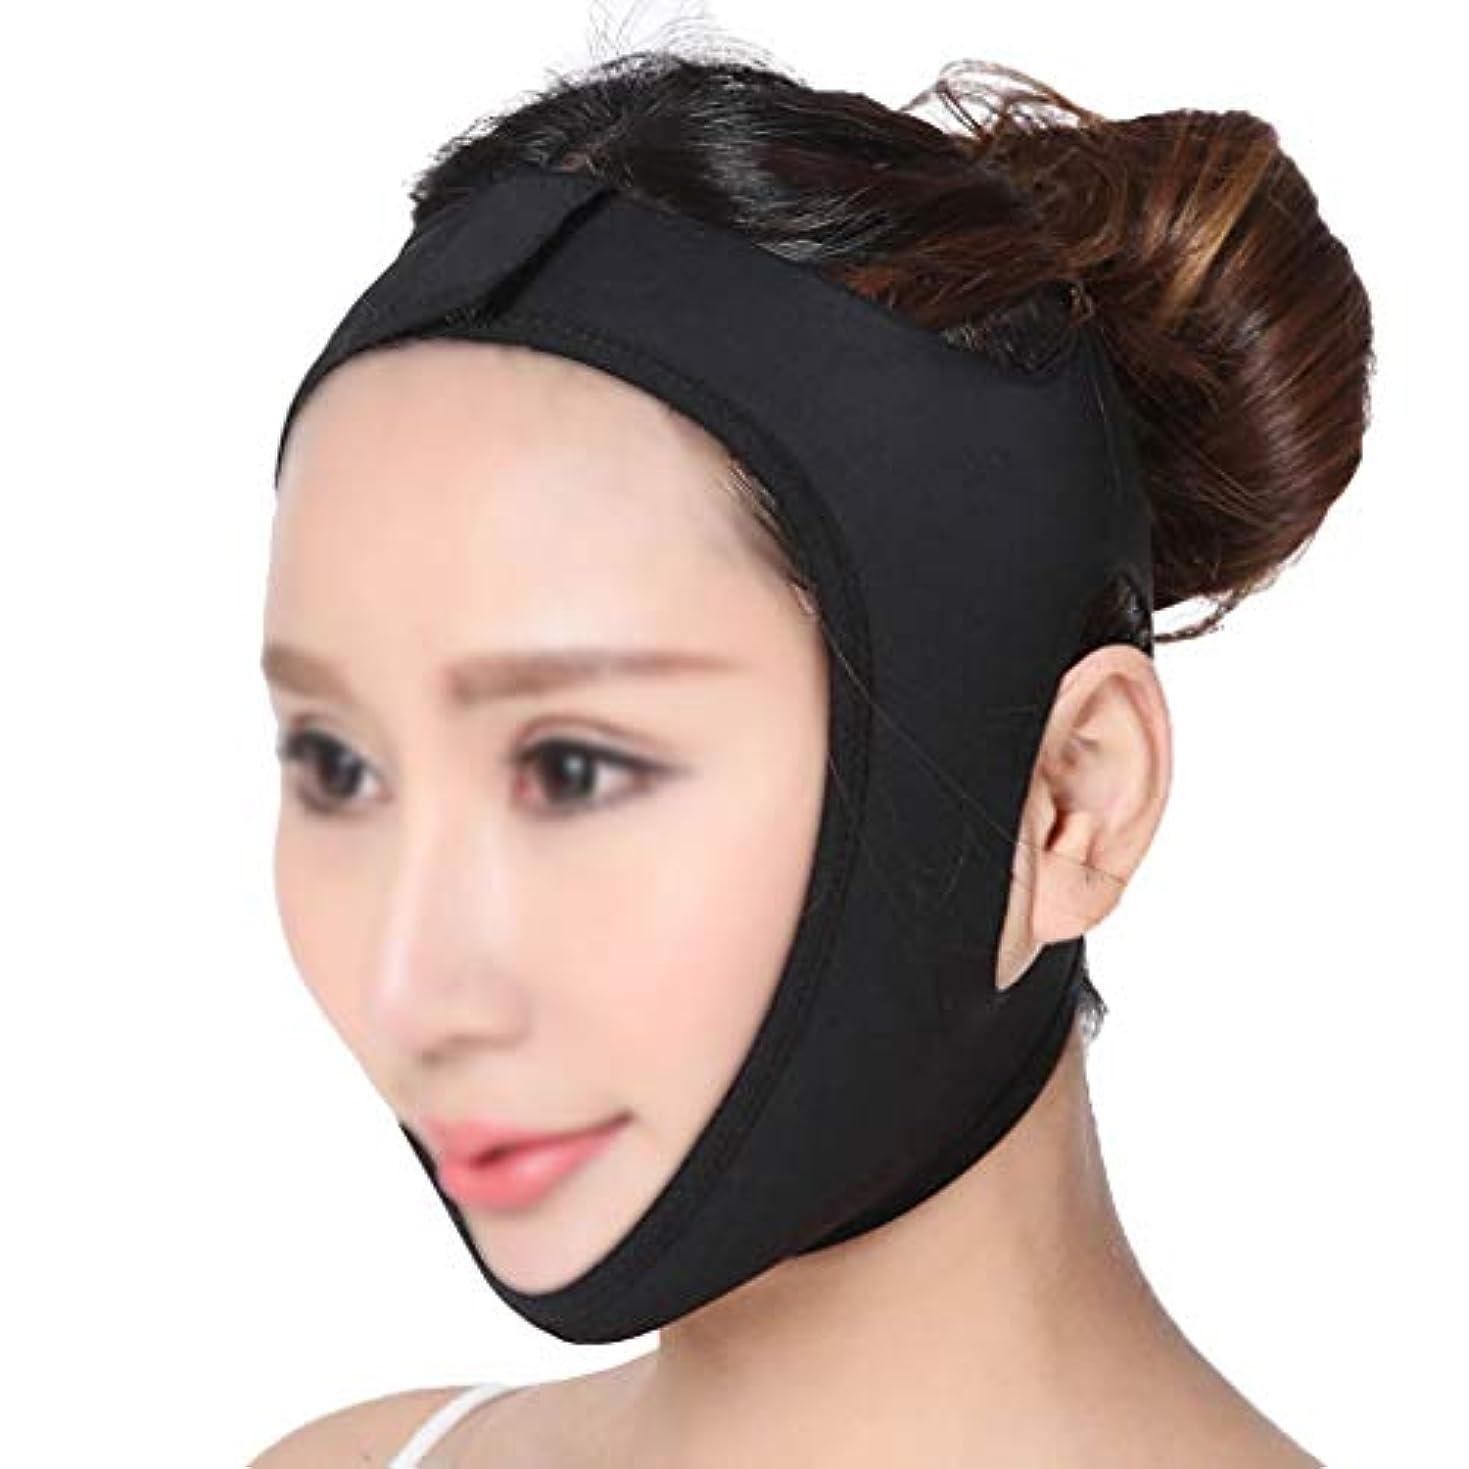 硬化するアイドル遺産引き締めフェイスマスク、フェイスリフトマスクフェイシャルマッサージVフェイス包帯シンフェイスマスクフェイシャルリフティング引き締めフェイス楽器スモールフェイス付きフェイスブラックフェイスマスク (Size : M)